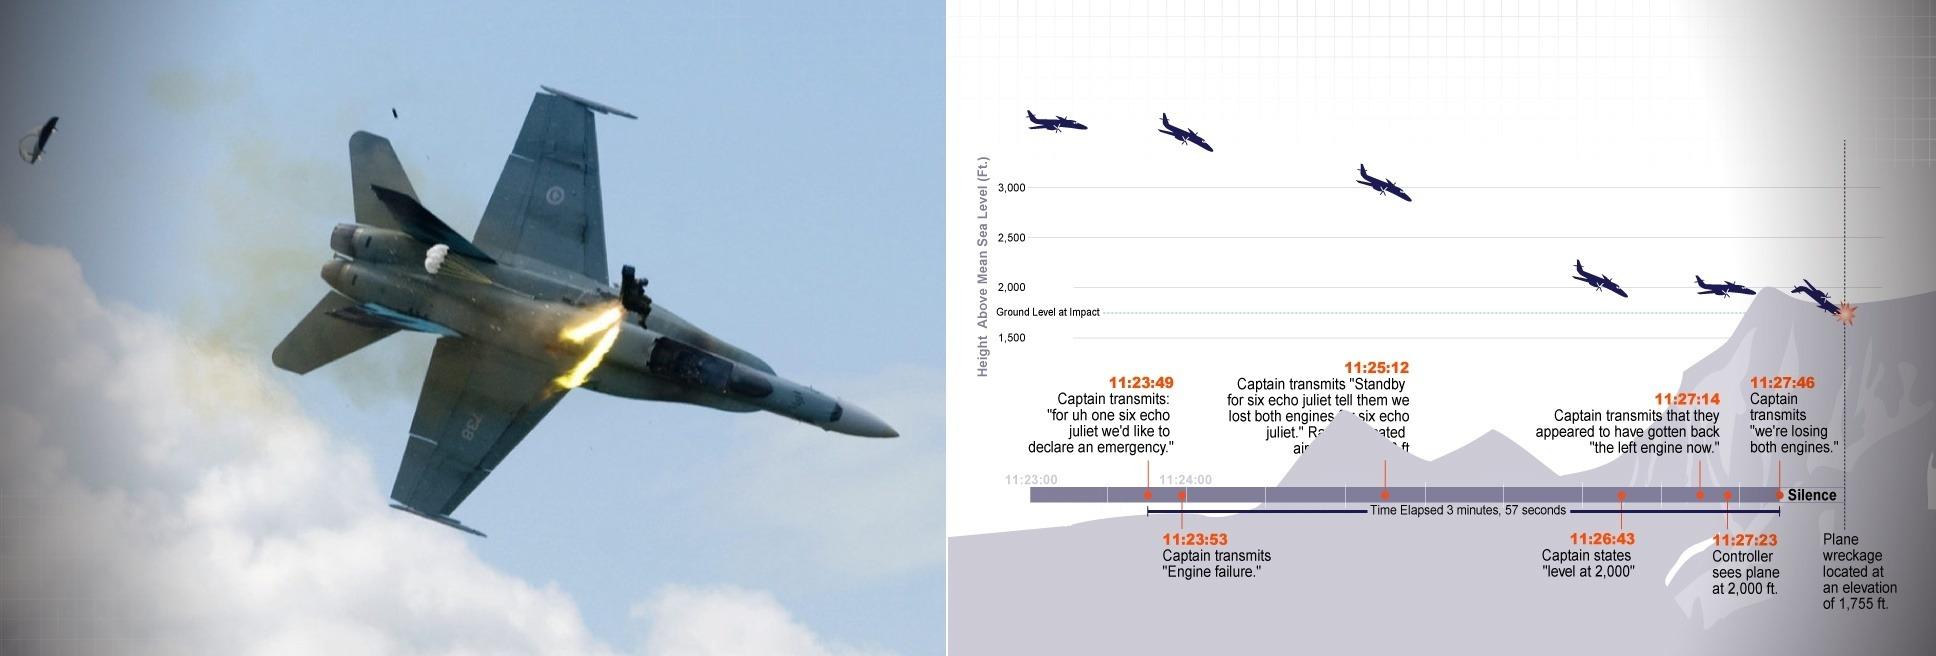 45_Aircraft